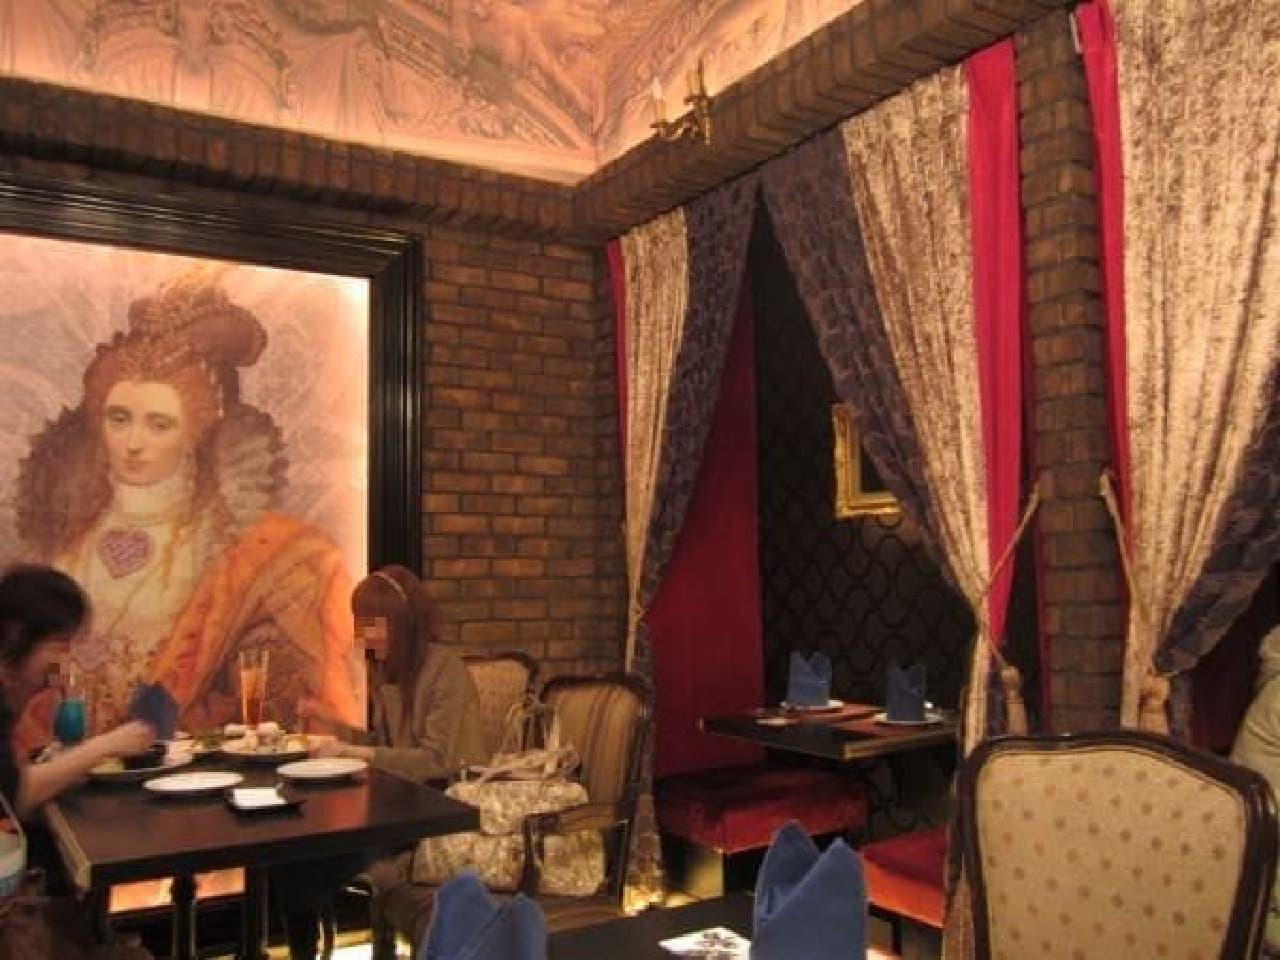 ハートの女王様の肖像画に見つめられています